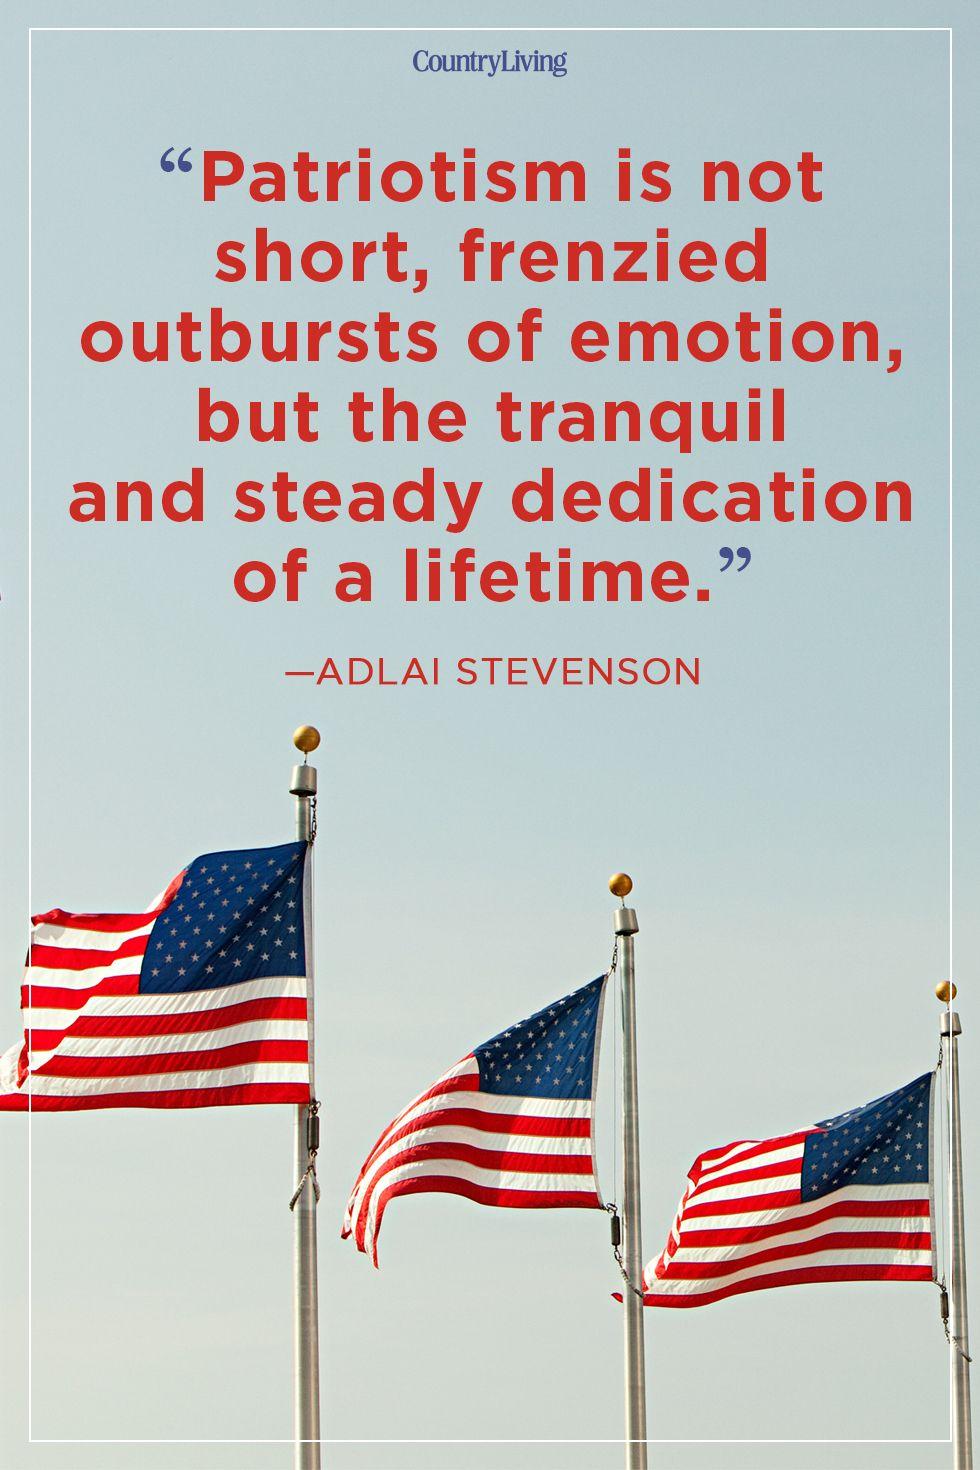 Patriotic Quotes 25 Patriotic Quotes for 4th of July   Best 4th of July Quotes Patriotic Quotes